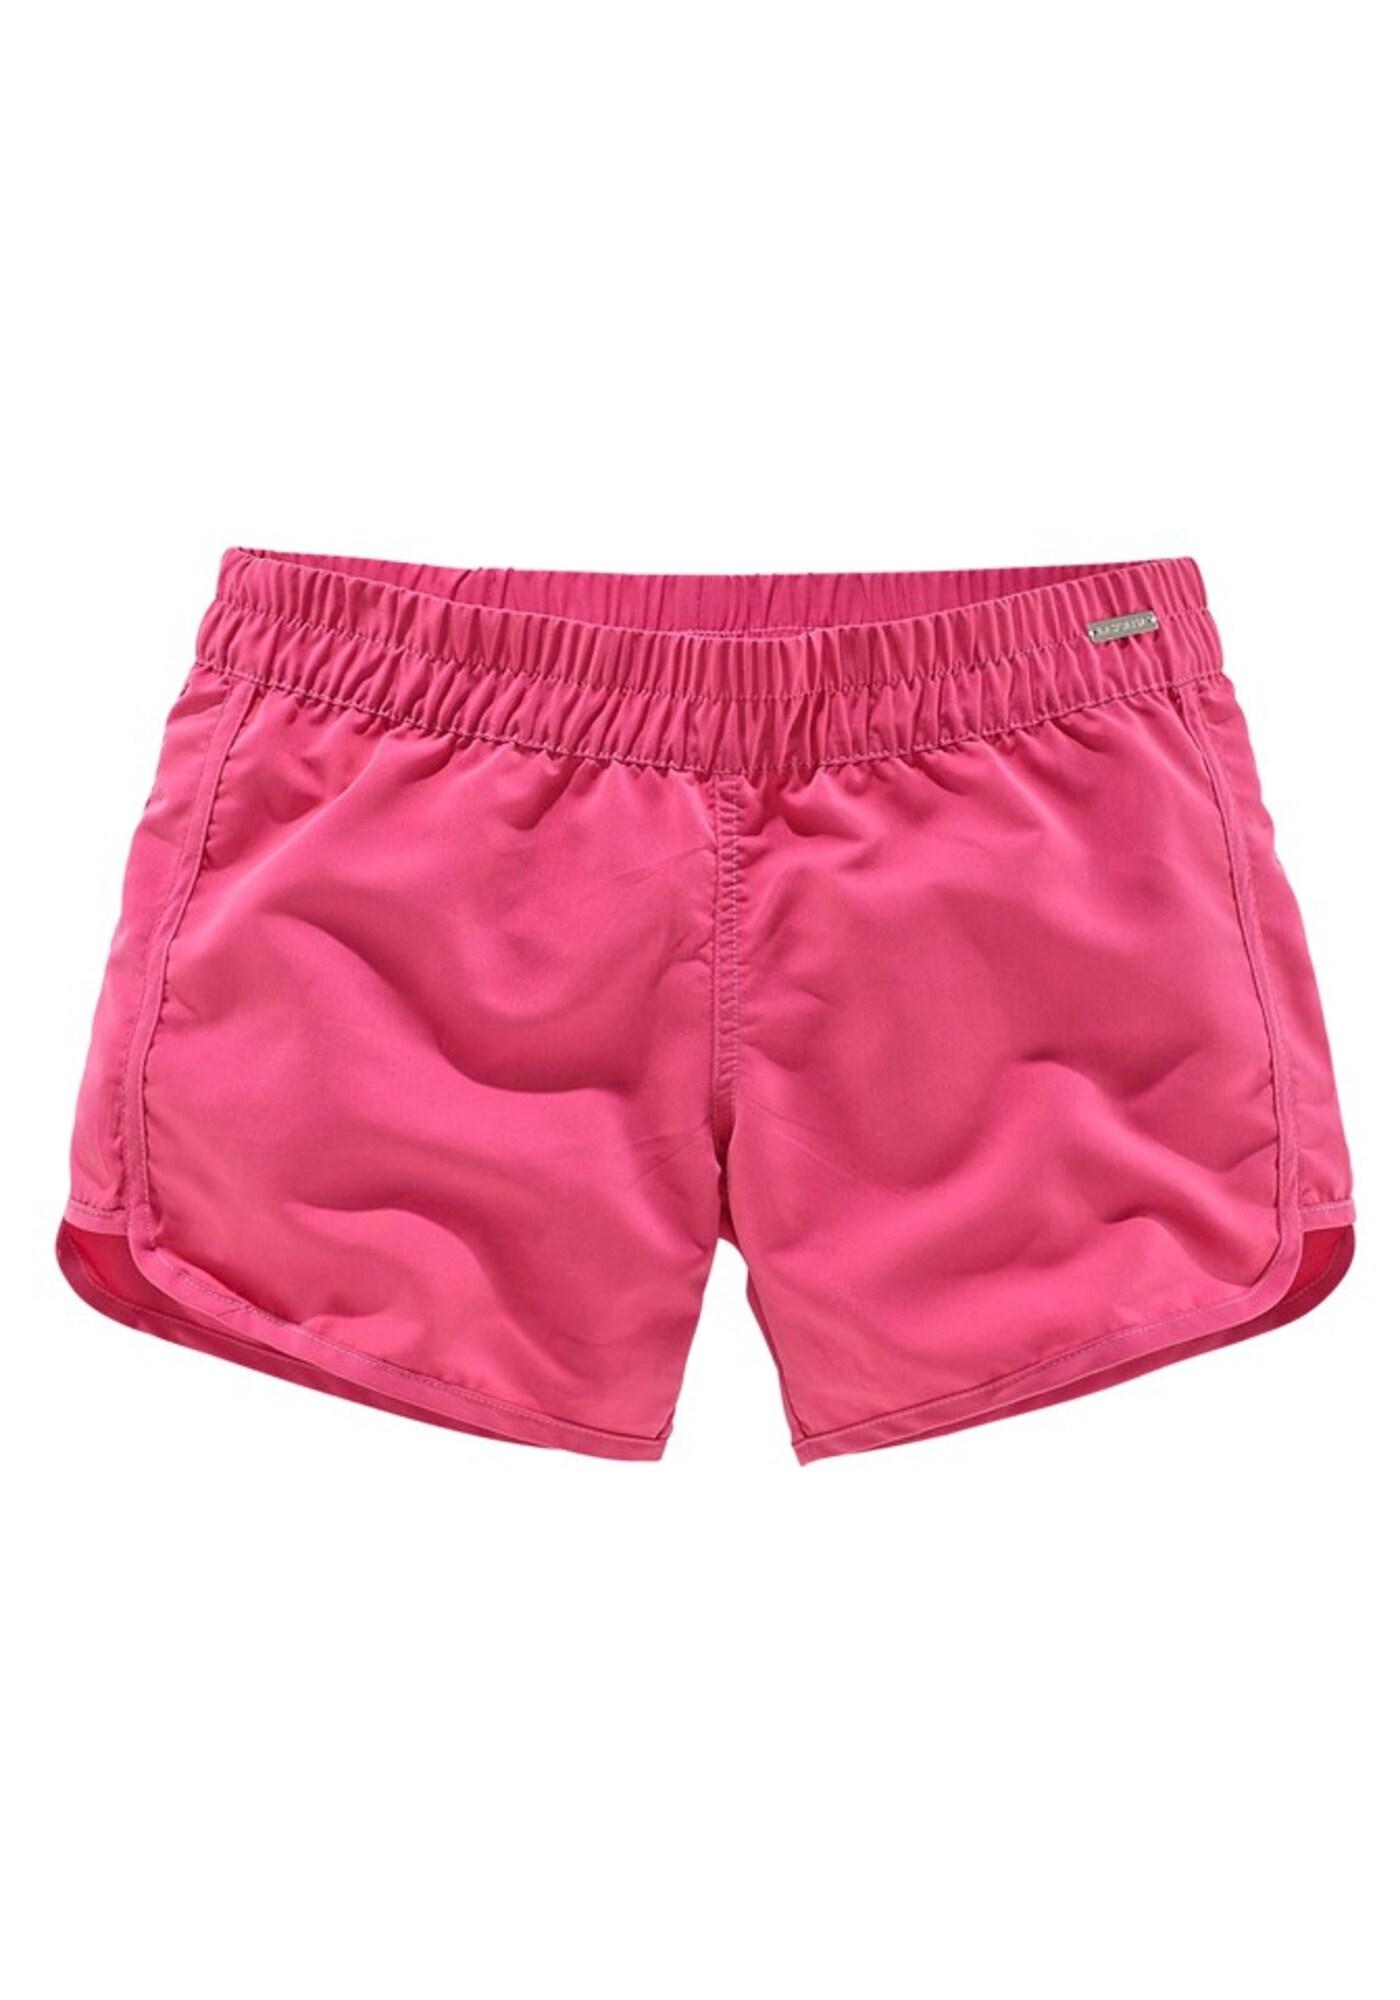 Badeshorts   Bekleidung > Bademode > Badeshorts   Pink   Lascana